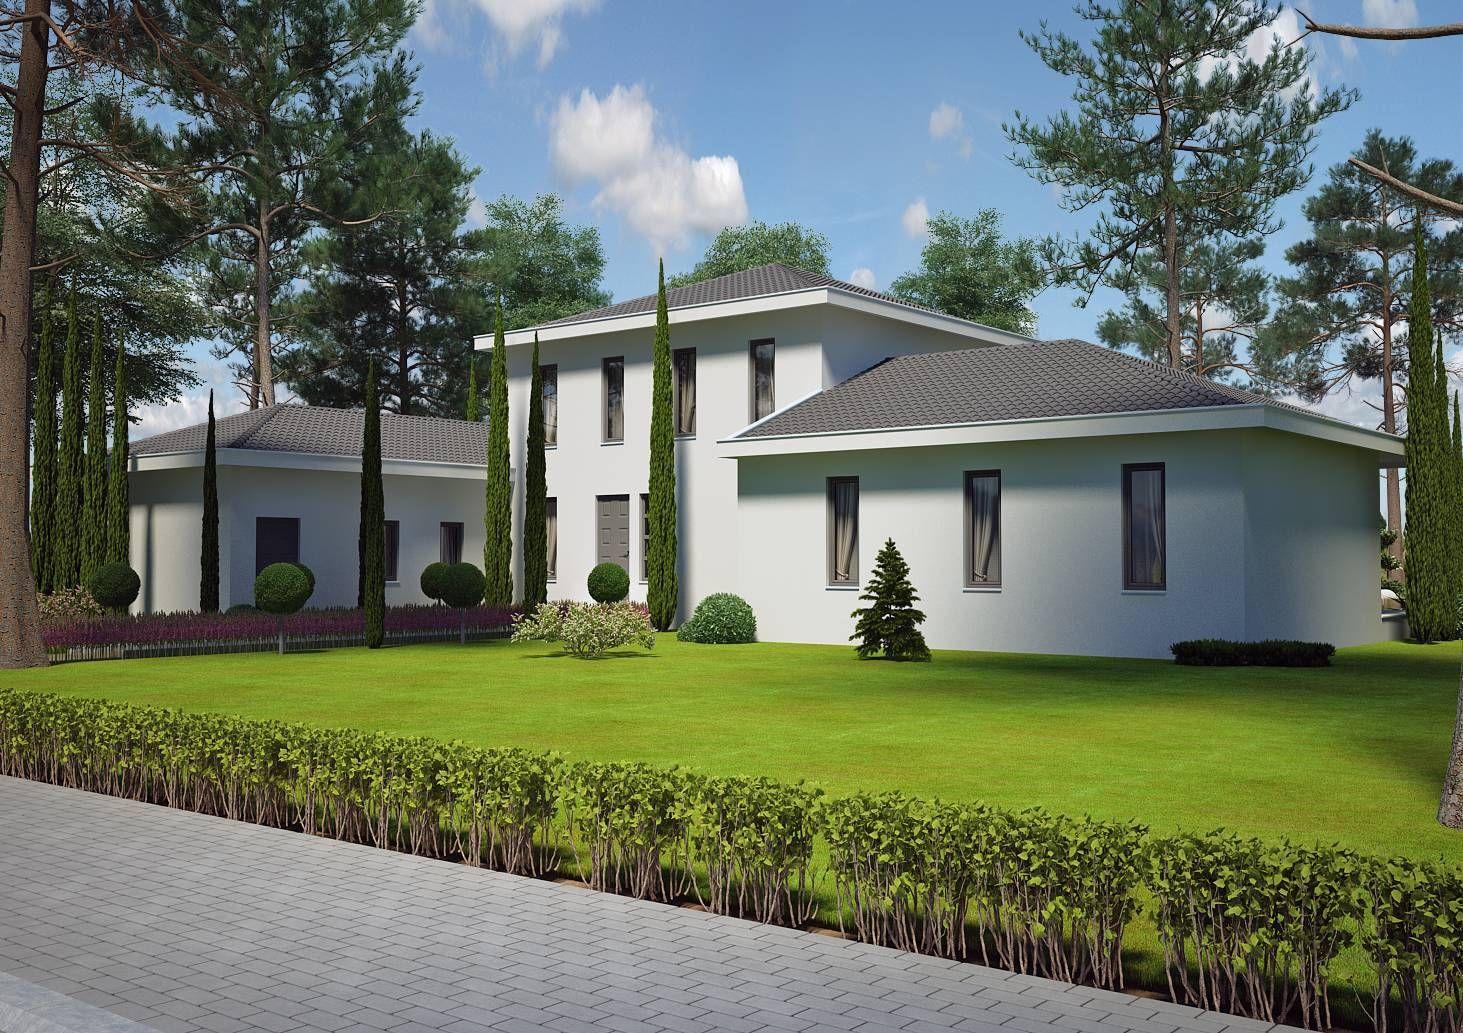 Azur logement provencal vous présente une villa contemporane modèle pinede contemporaine 130m2 villa à étage